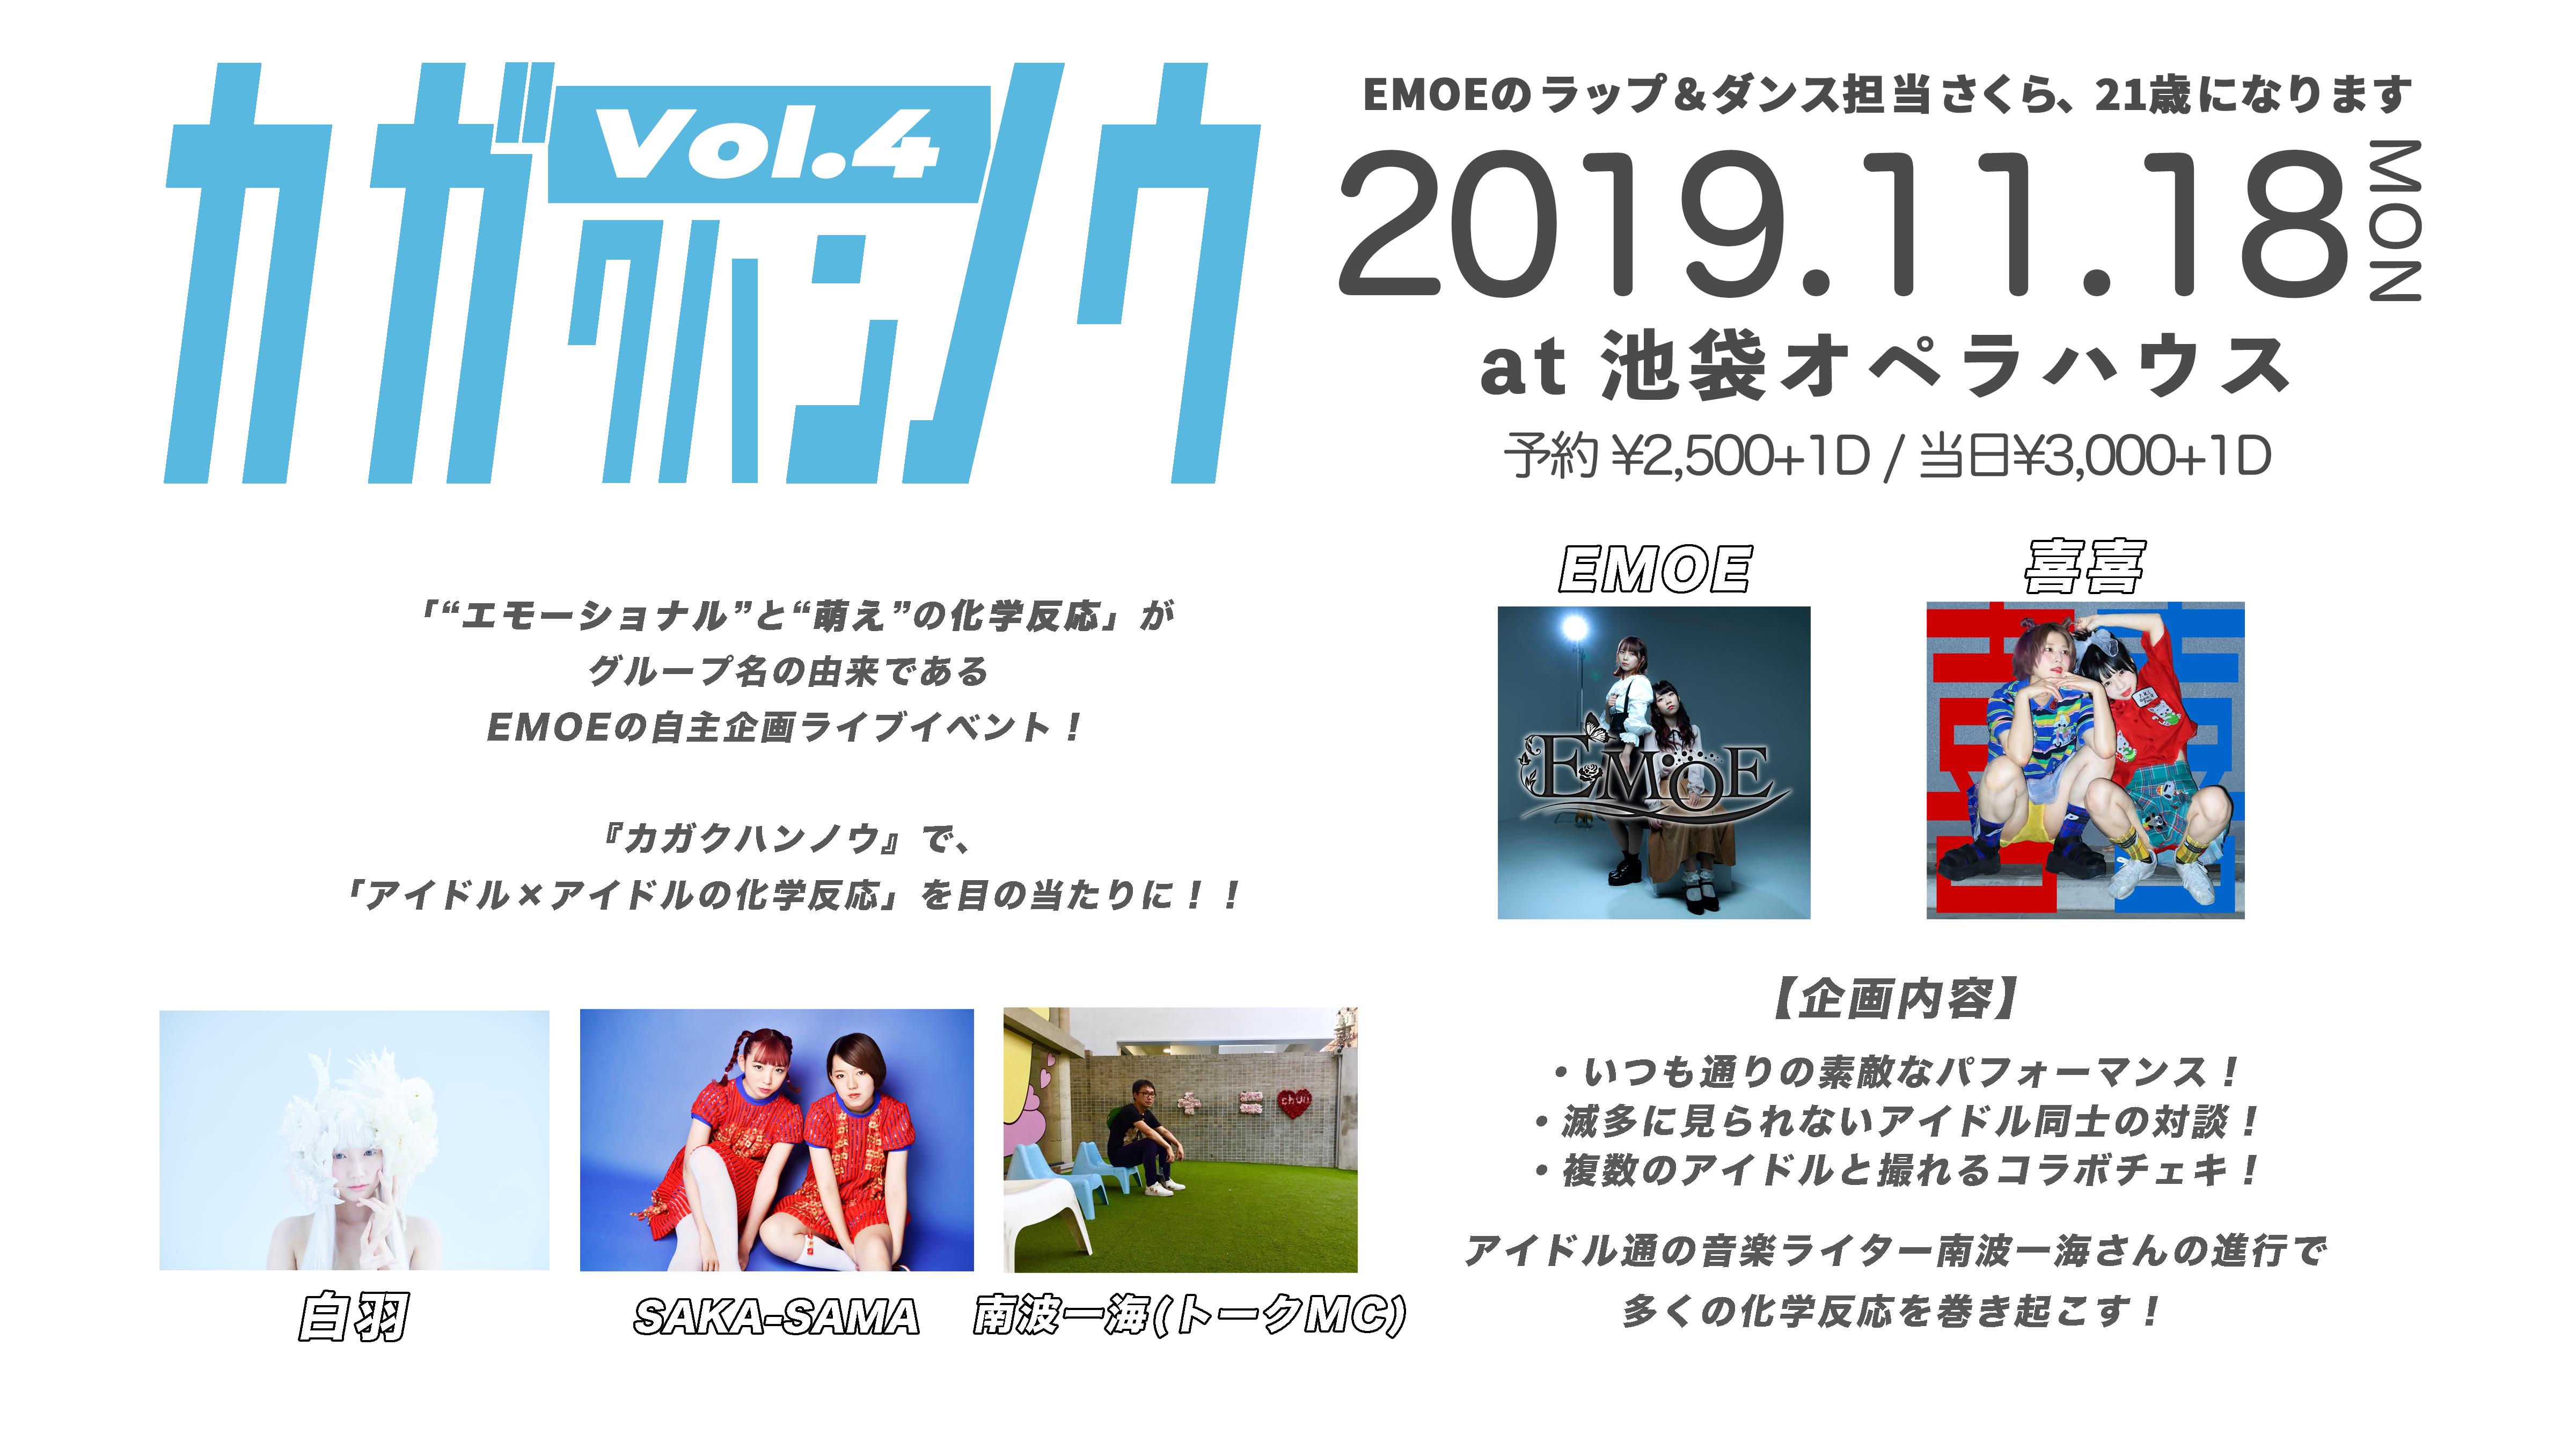 2019.11.18 「カガクハンノウ vol.4~さくらてゃん21歳になります~」